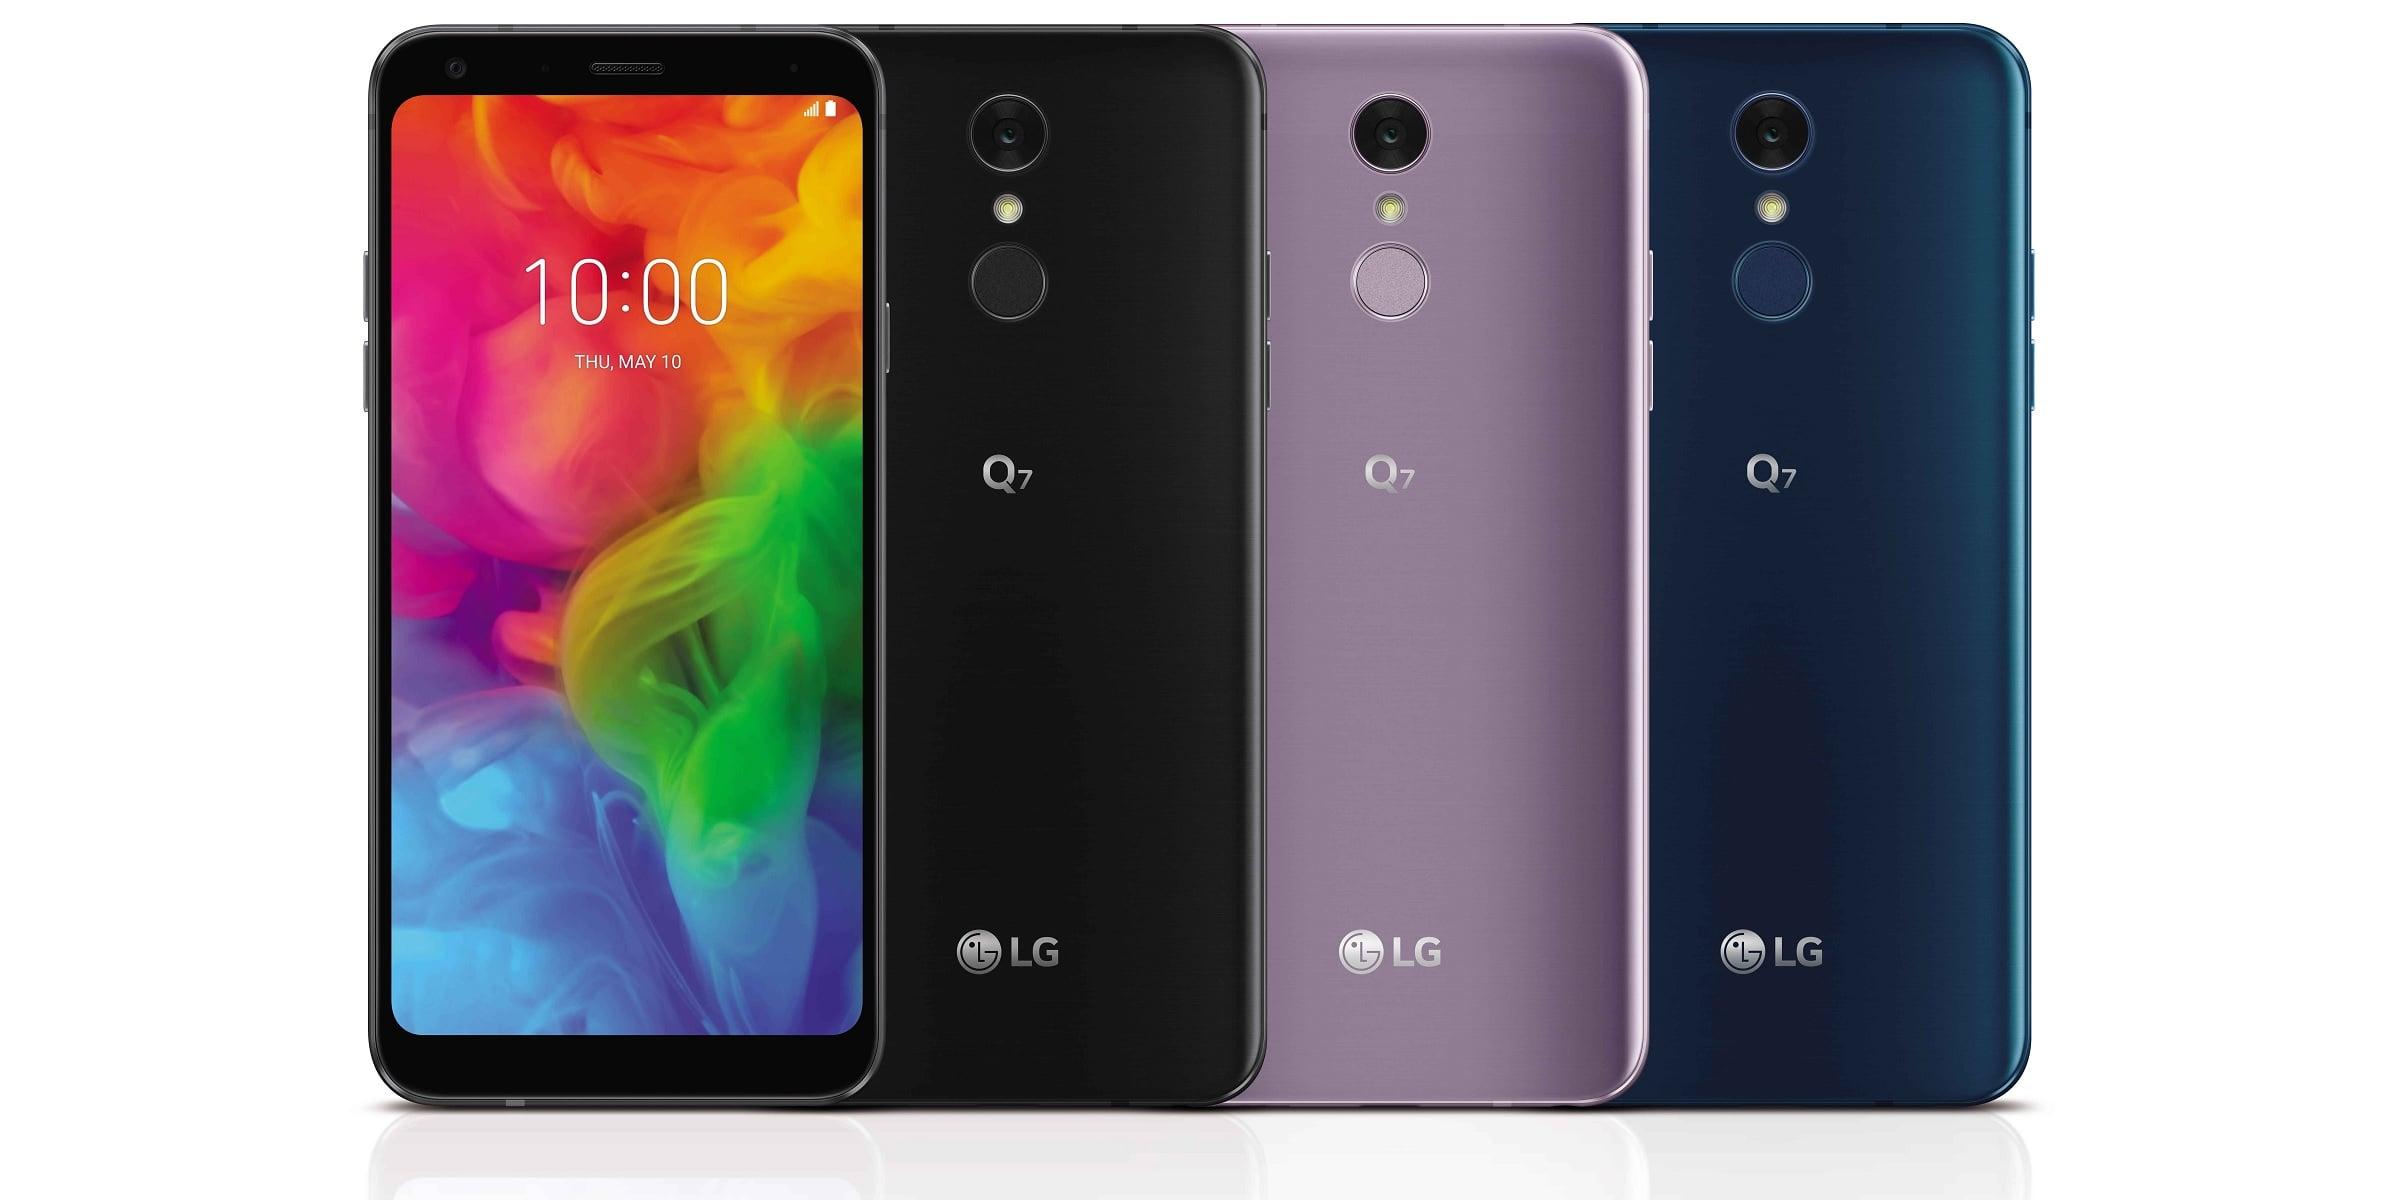 Tabletowo.pl LG zaprezentowało LG Q7 i.. pozytywnie zaskoczyło. Jest szybkie ładowanie oraz pyło- i wodoszczelna obudowa Android LG Nowości Smartfony